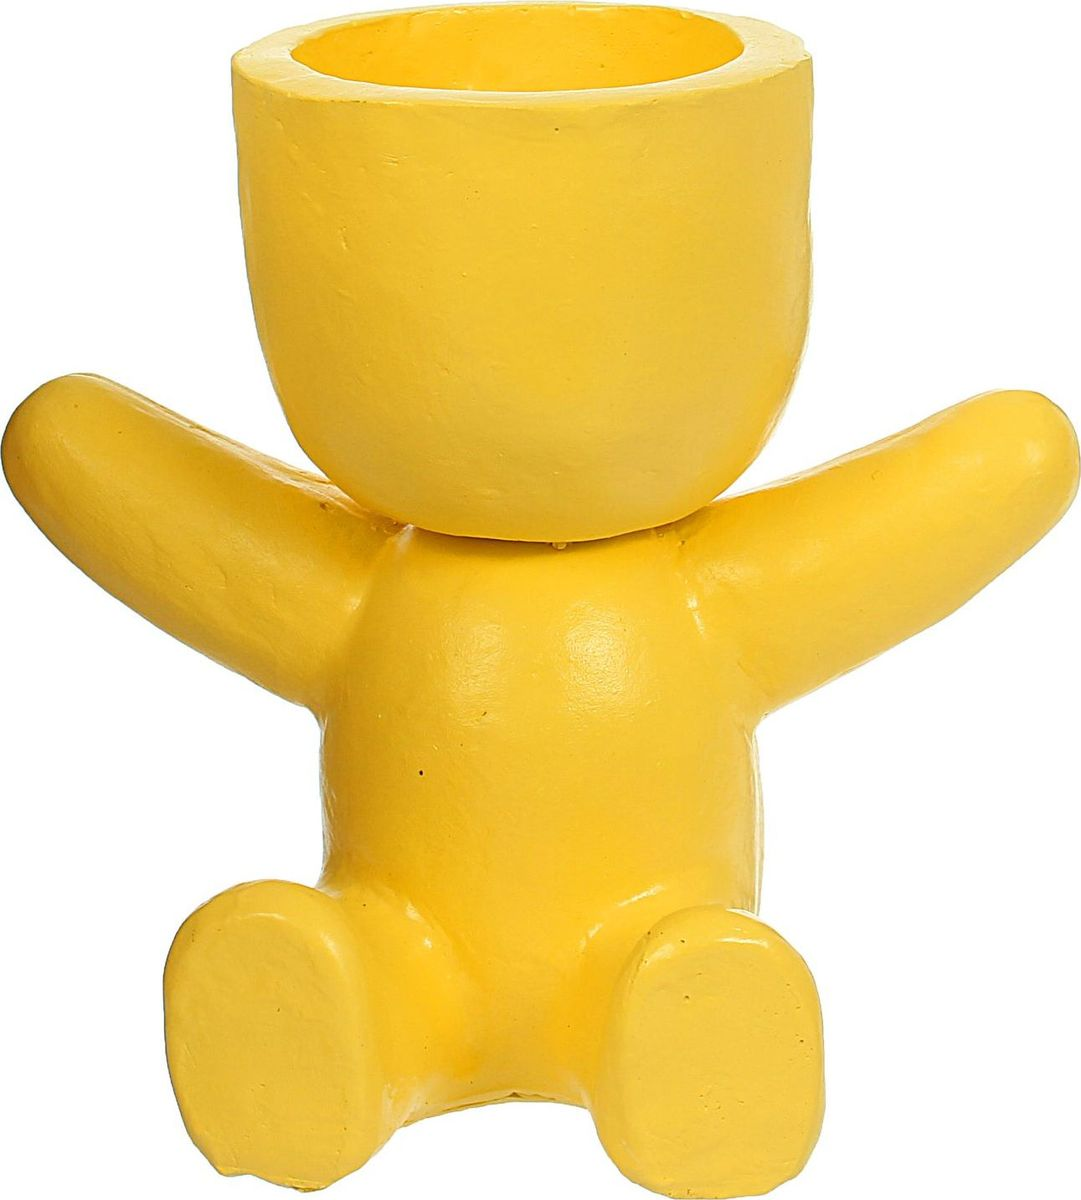 Кашпо Сидящий человечек, цвет: желтый, 17 х 27 х 25 см1406919Комнатные растения — всеобщие любимцы. Они радуют глаз, насыщают помещение кислородом и украшают пространство. Каждому из растений необходим свой удобный и красивый дом. Поселите зелёного питомца в яркое и оригинальное фигурное кашпо. Выберите подходящую форму для детской, спальни, гостиной, балкона, офиса или террасы. #name# позаботится о растении, украсит окружающее пространство и подчеркнёт его оригинальный стиль.